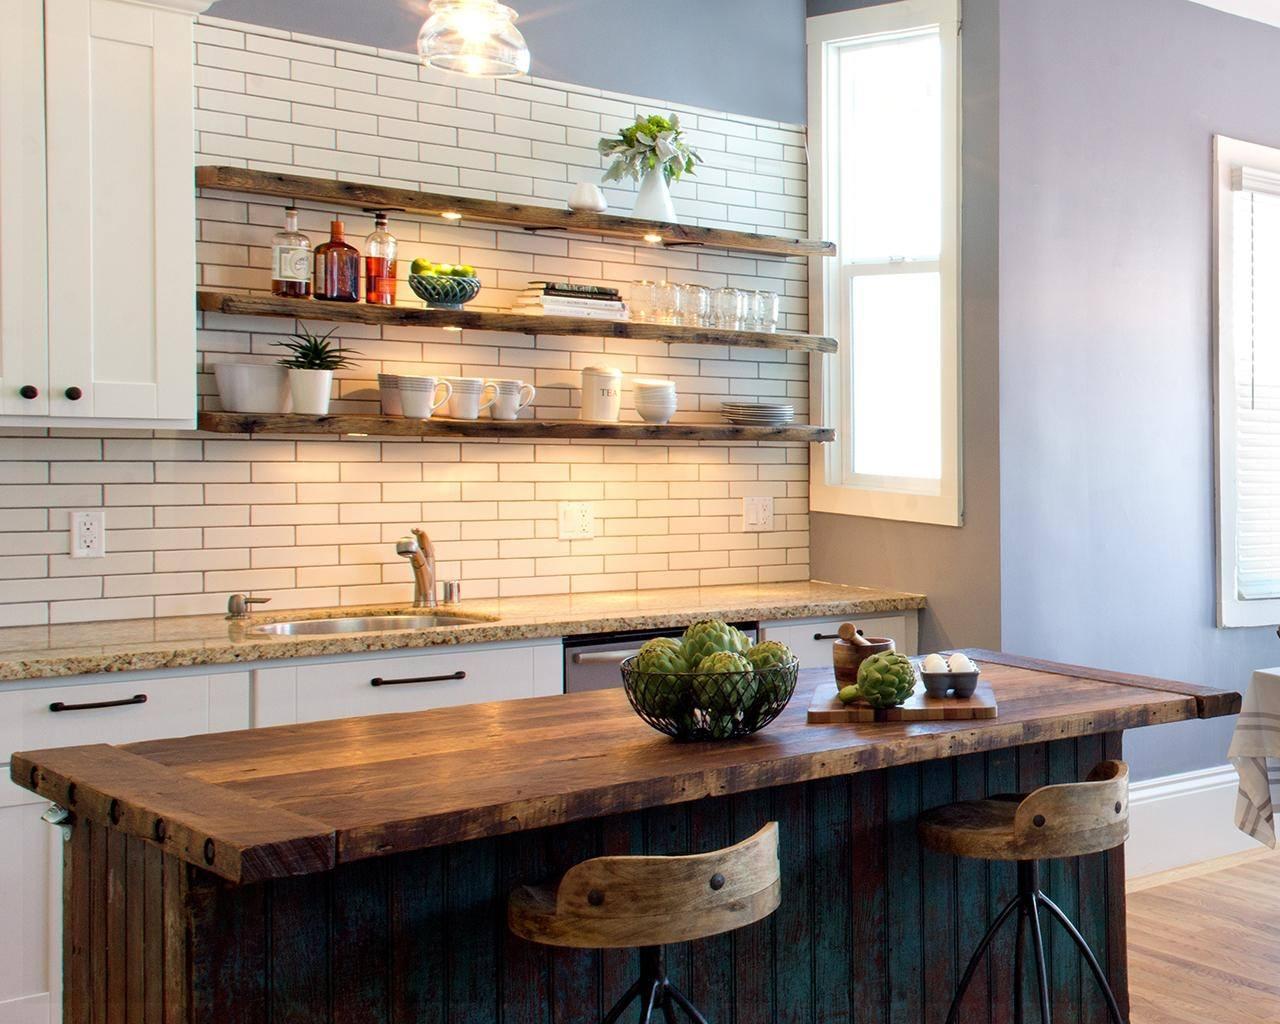 Rustic Kitchen Cabinets - Doorless kitchen